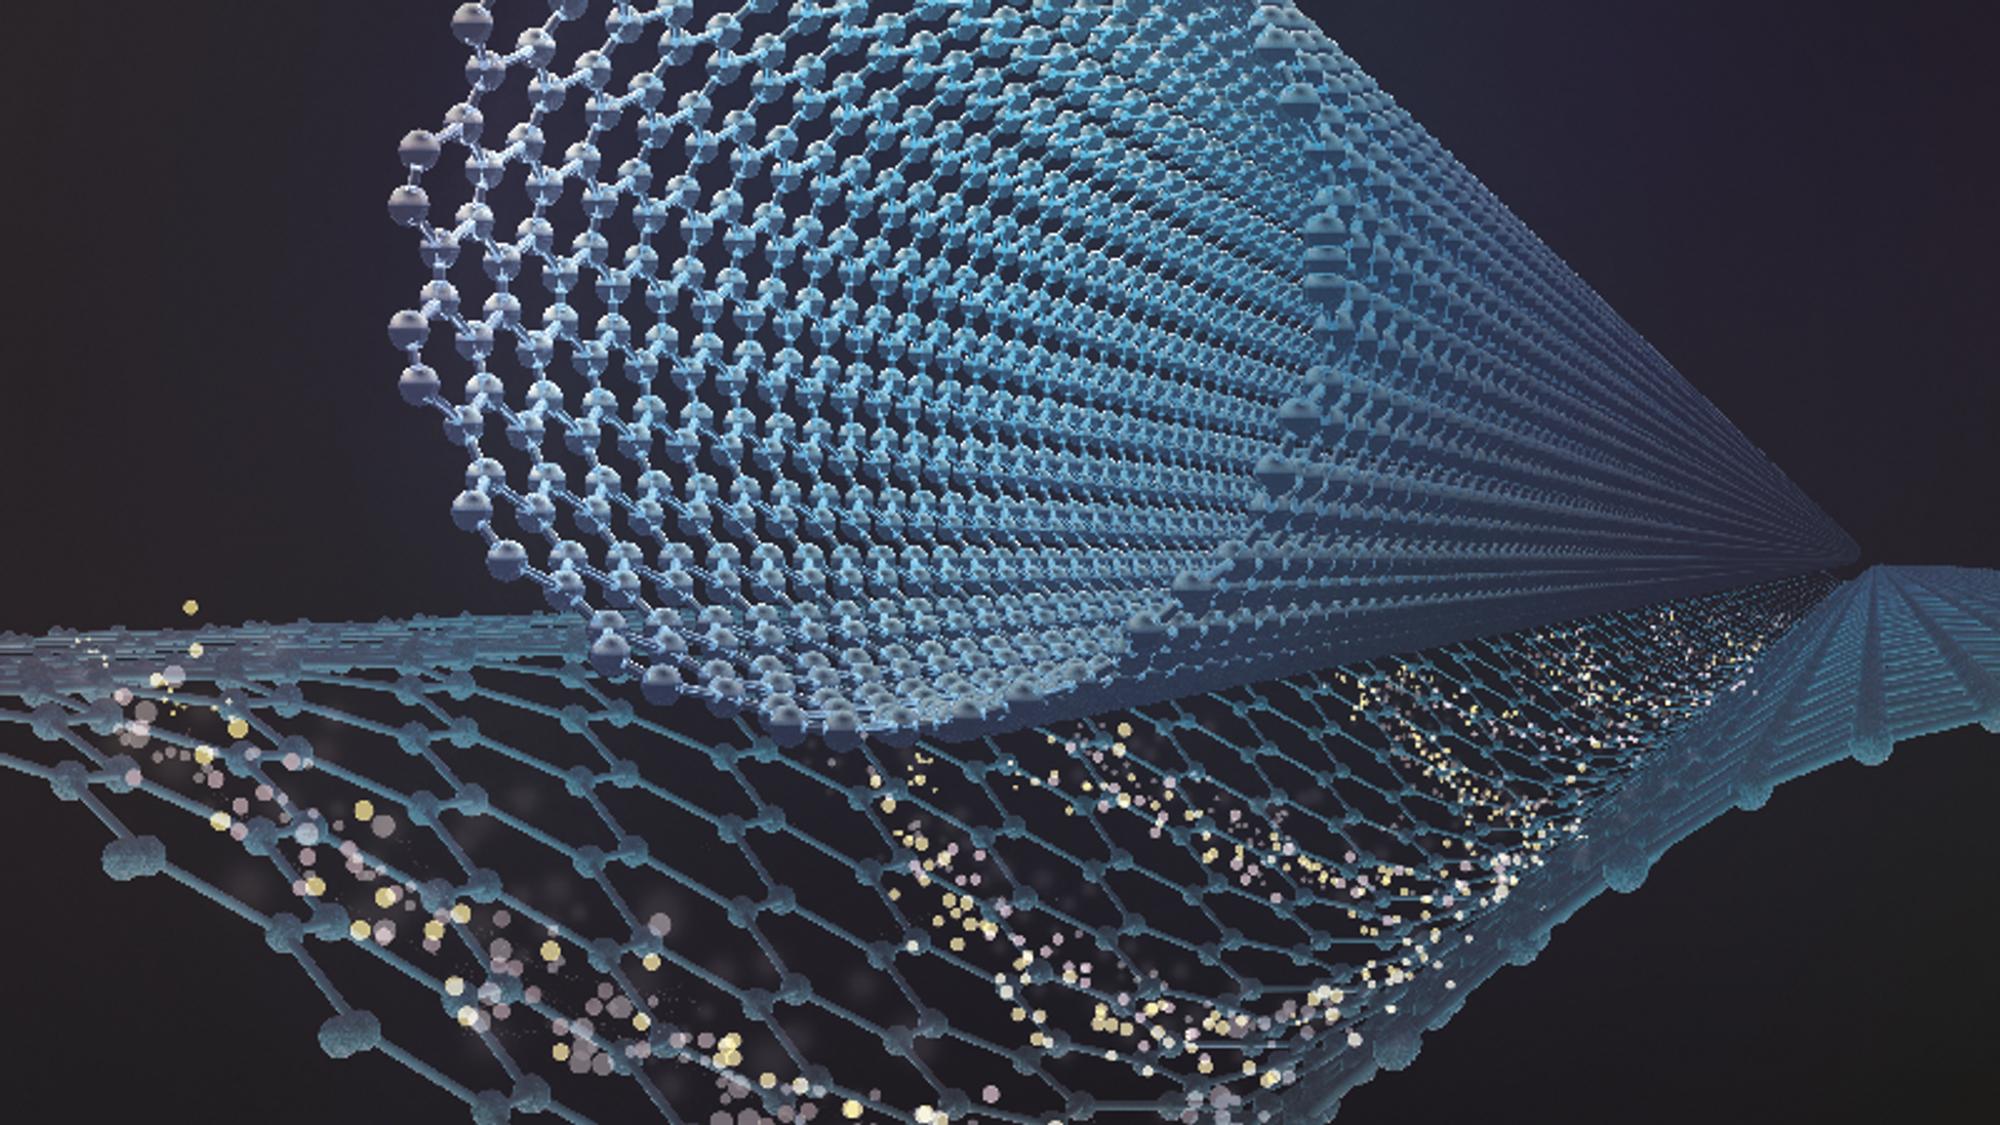 Med en elektrisk spenning satt på nano-karbonrøret (øverst), induseres et elektrostatisk potensial i det underliggende grafénlaget, som kan holde elektroner fanget på samme måte som fotoner kan holdes fanget i en optisk fiber. Det elektriske potensialet er her illustrert som en fordypning i grafénlaget – i virkeligheten er laget fullstendig flatt.